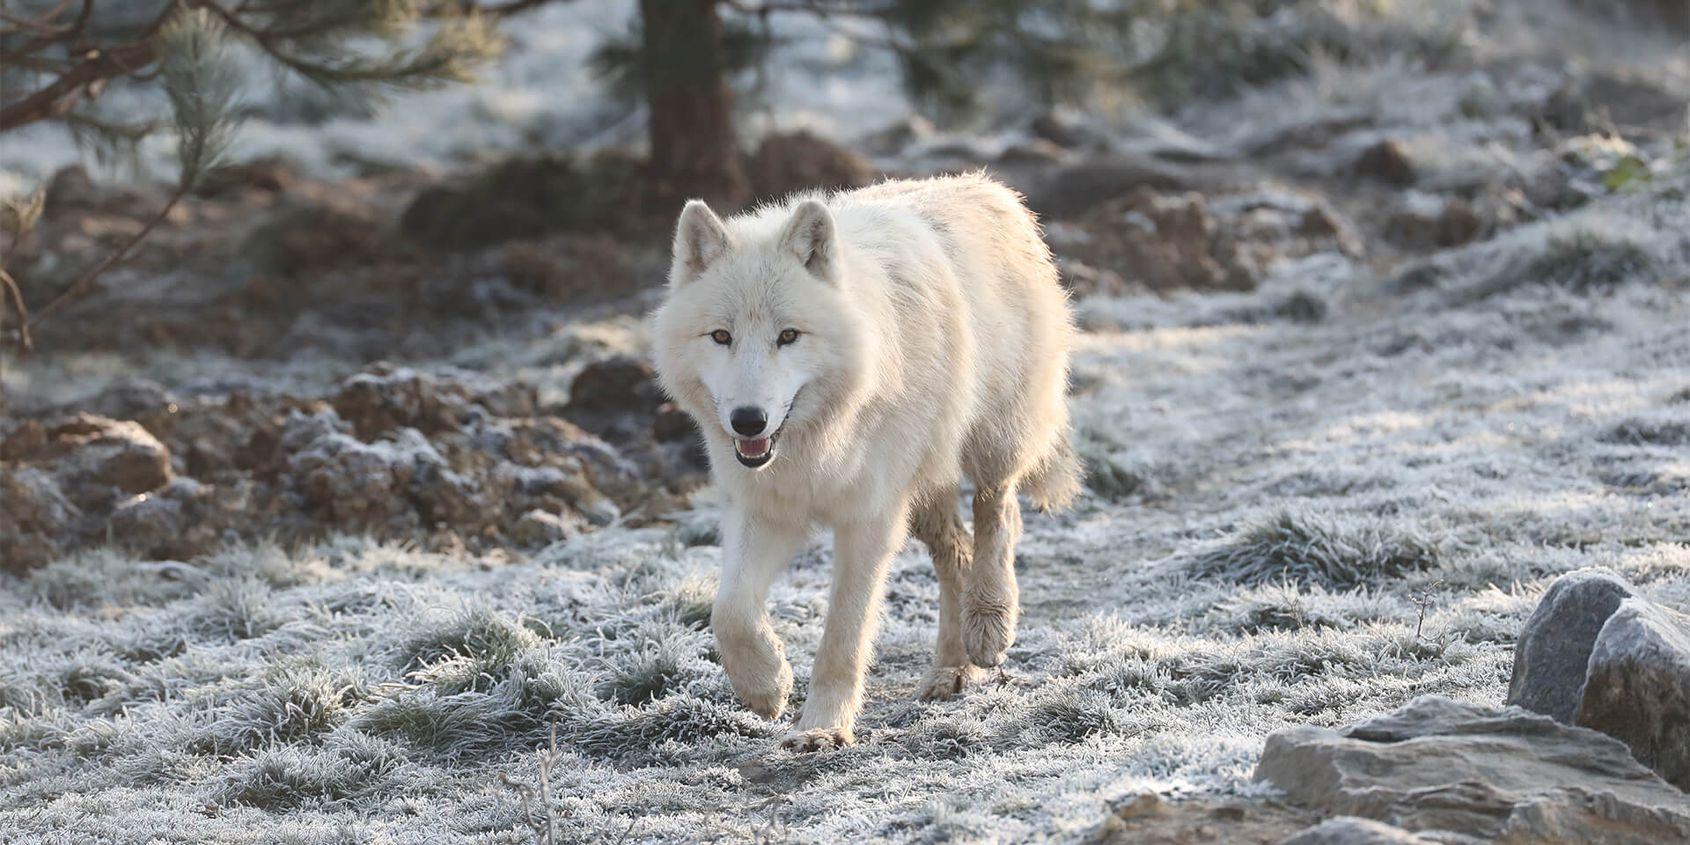 Loup arctique sur sol gelé - Les animaux du Territoire Nord-Américain - ZooParc de Beauval